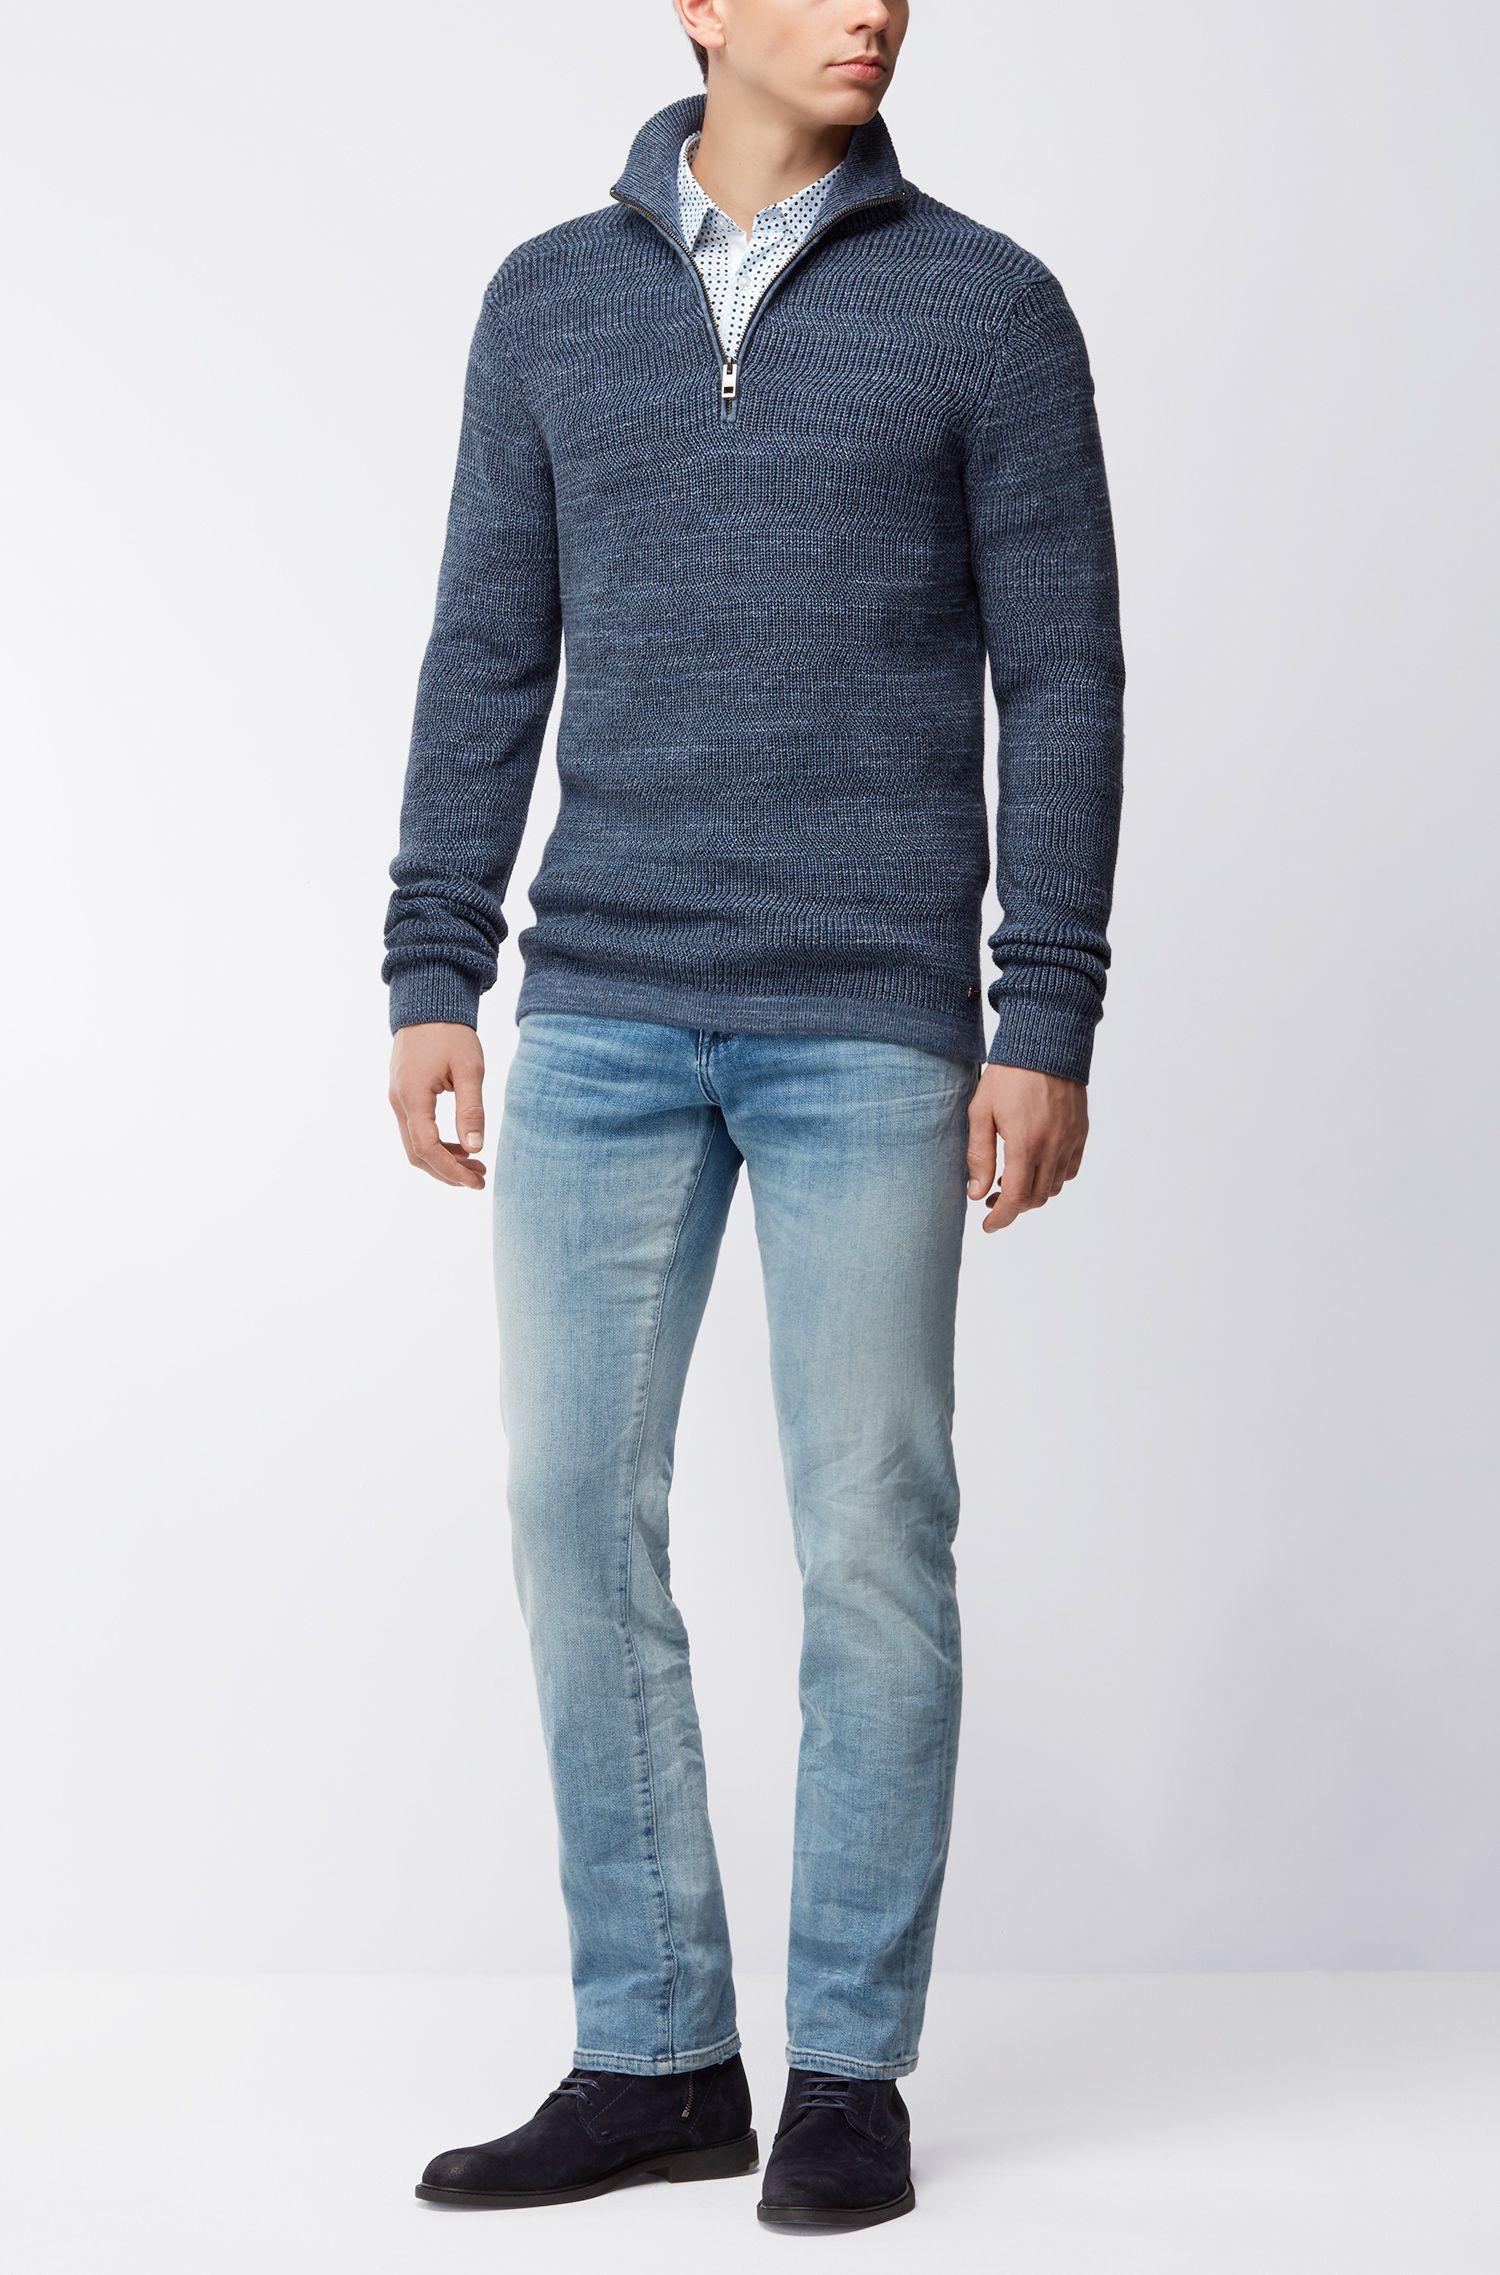 Jersey en algodón con punto de canalé moderno y cremallera en el cuello